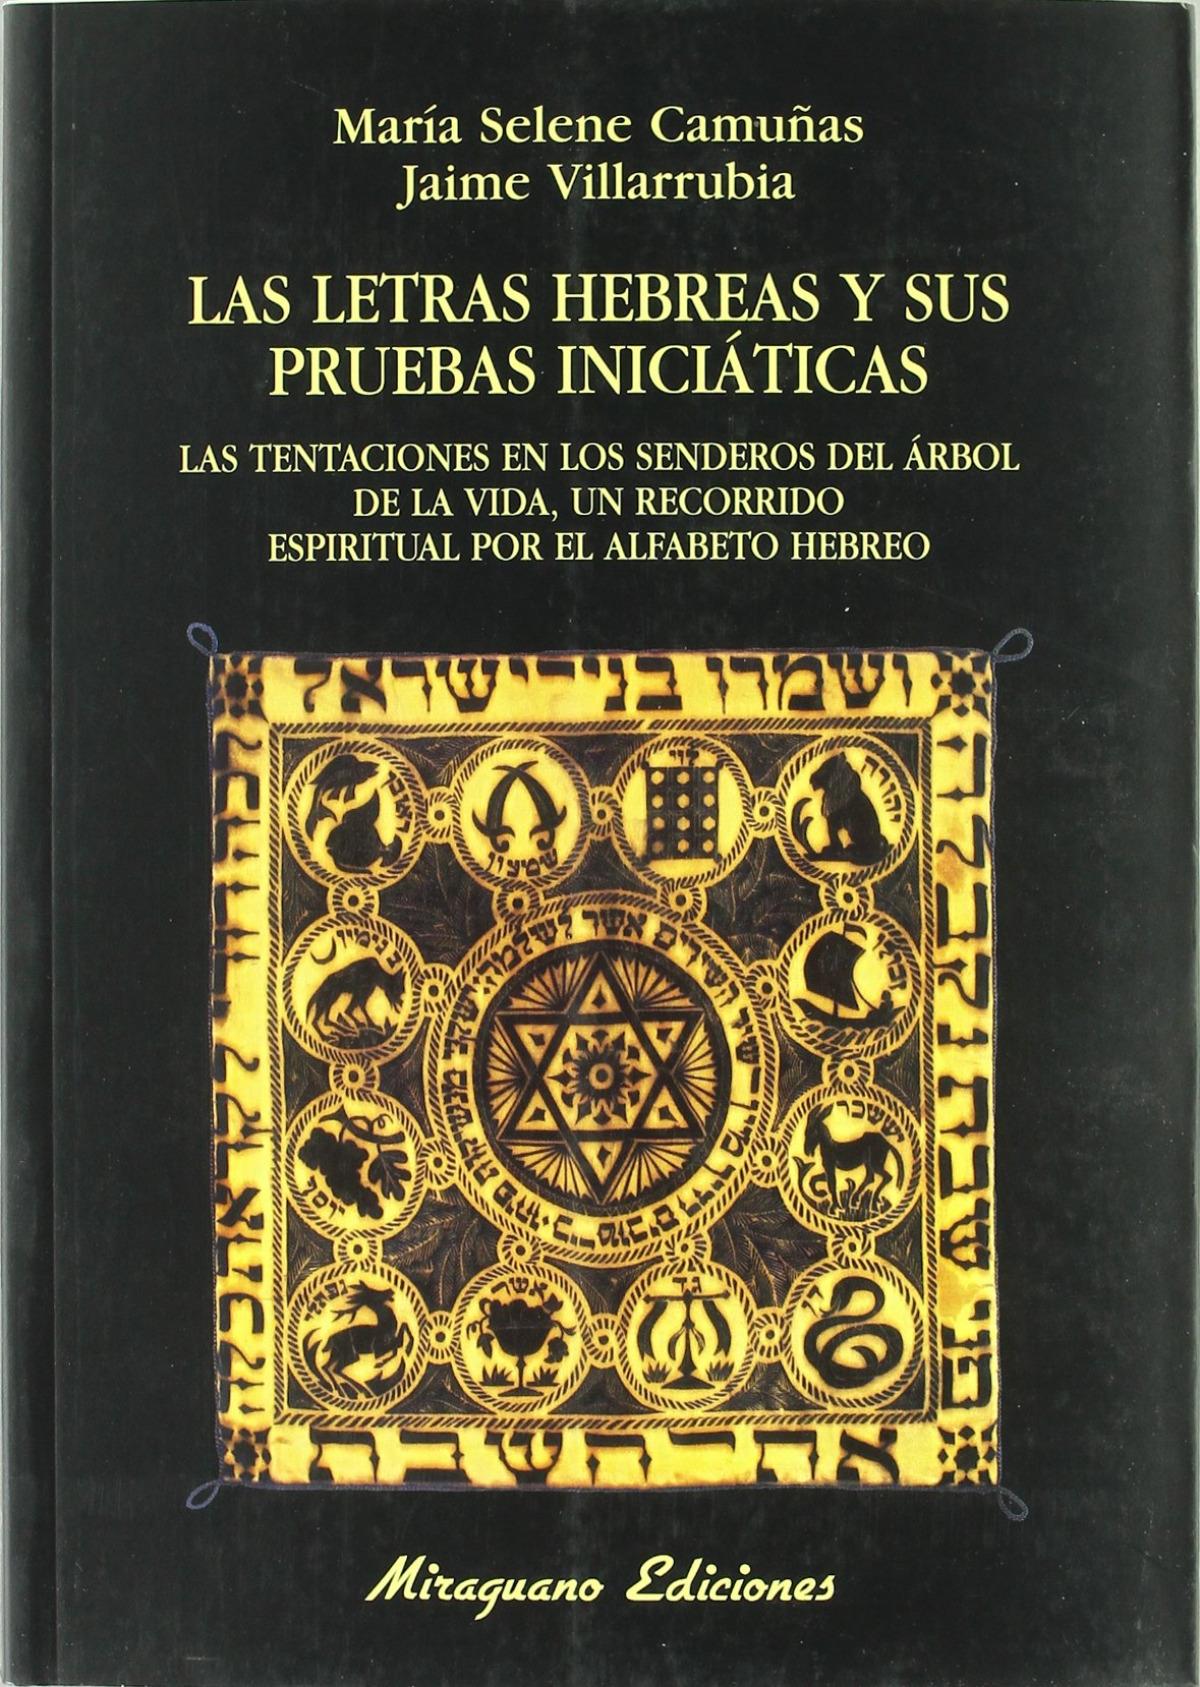 LETRAS HEBREAS Y SUS PRUEBAS INICIATICAS, LAS